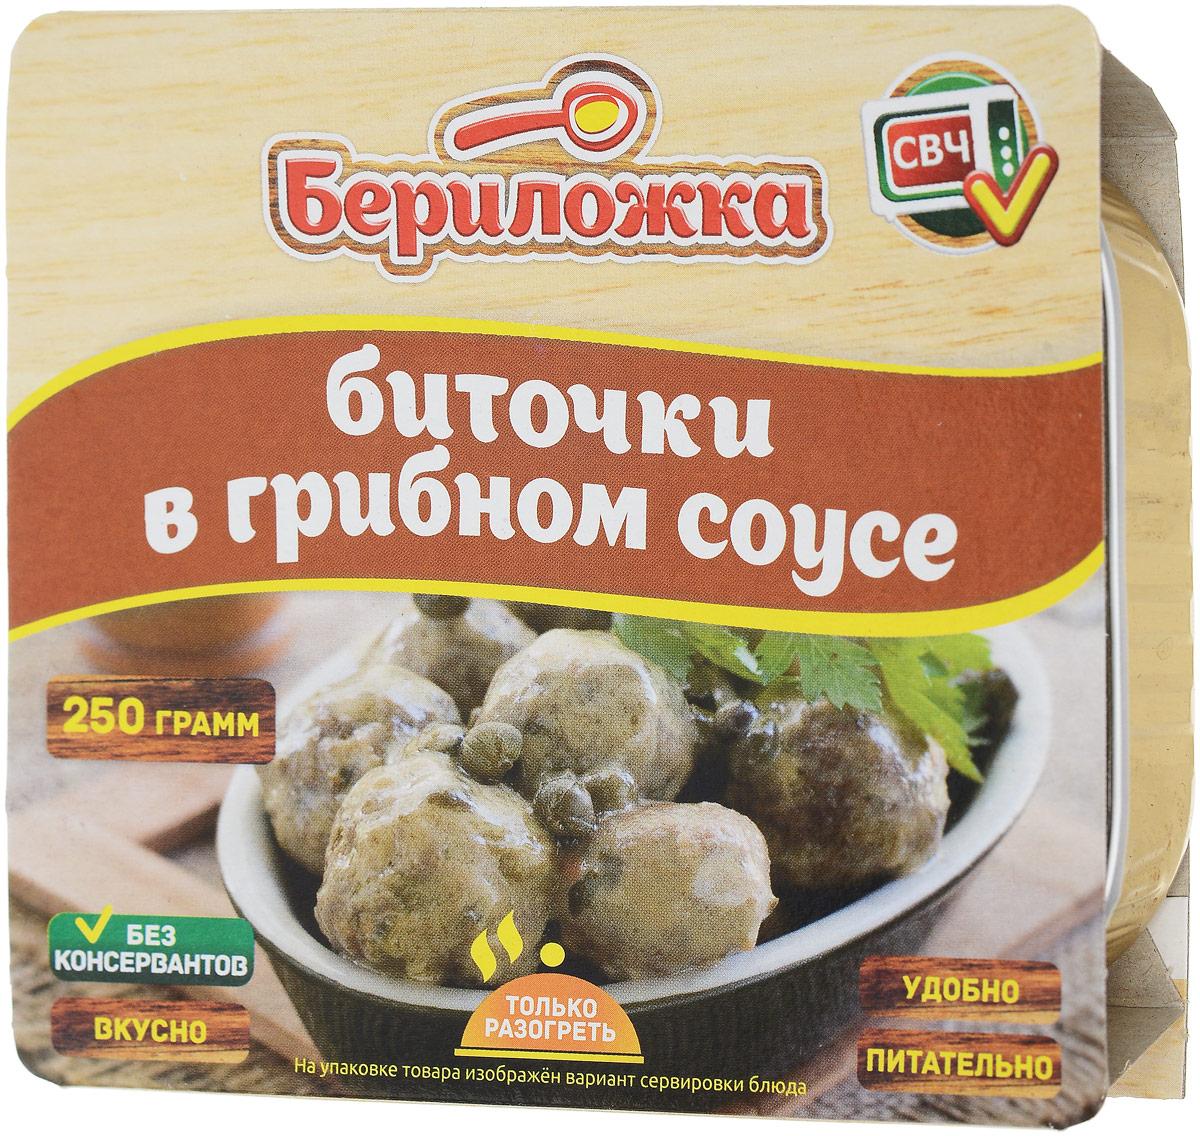 Бериложка биточки в грибном соусе, 250 г